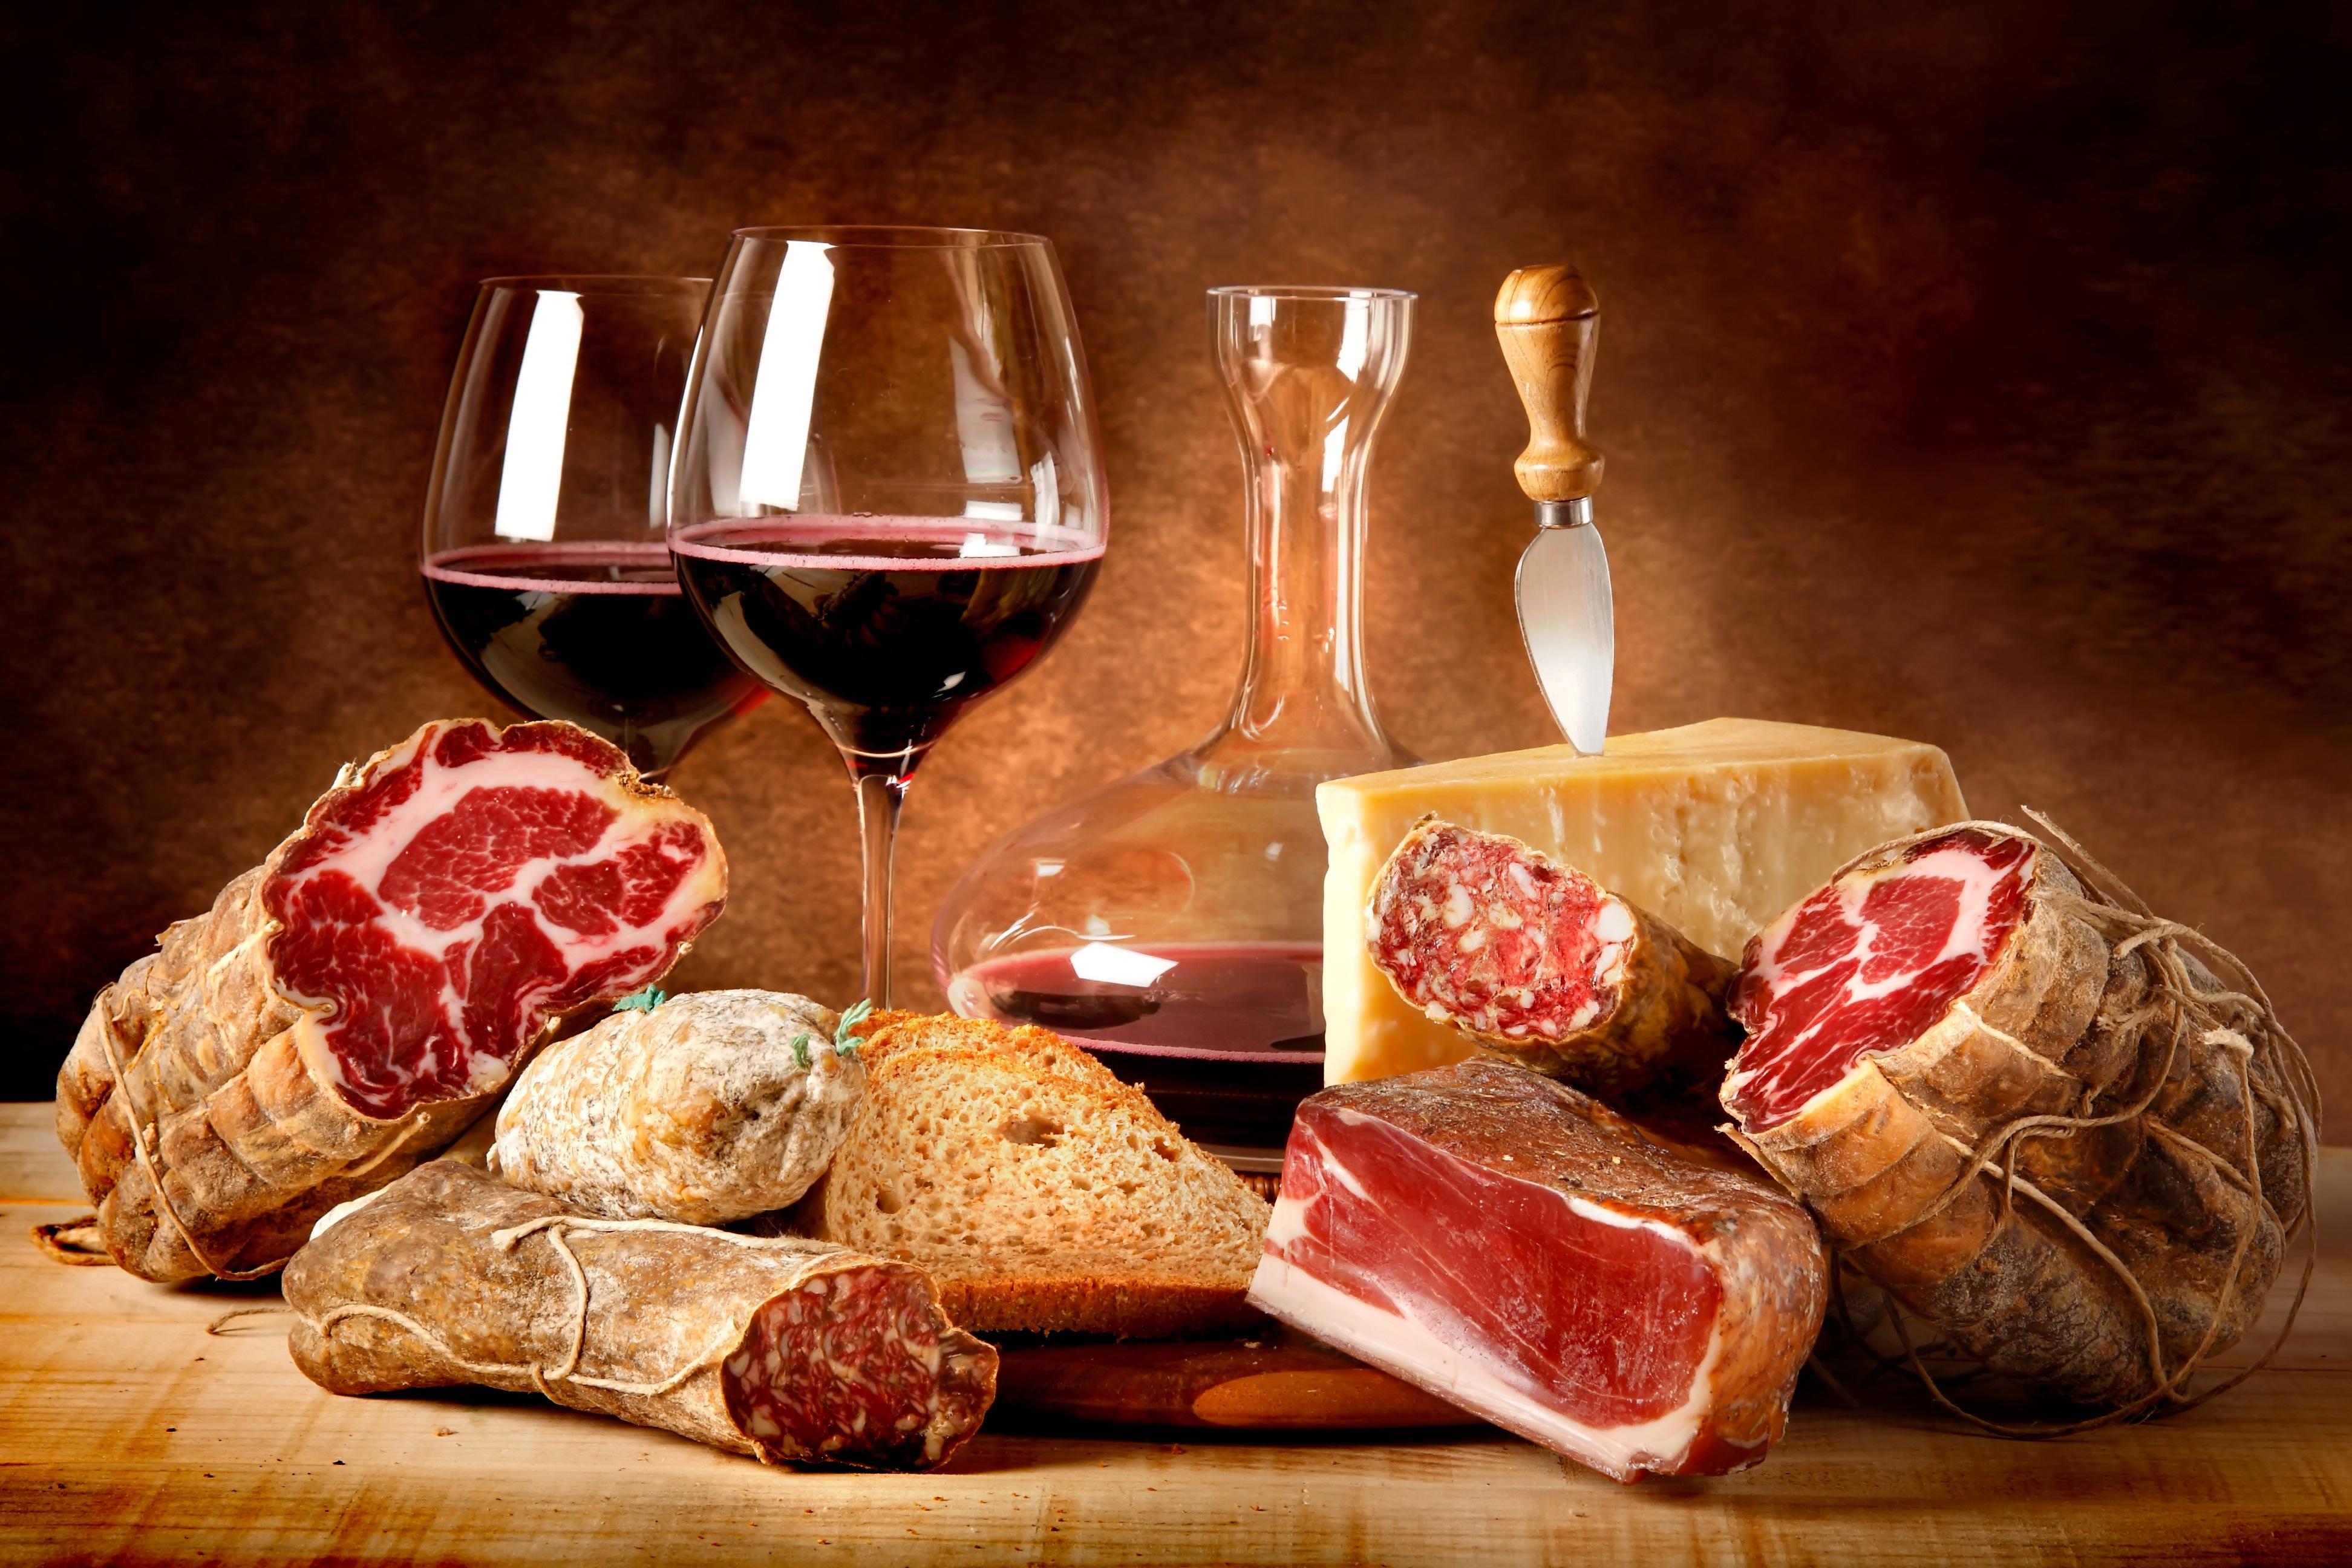 Продукты из свинины и вино